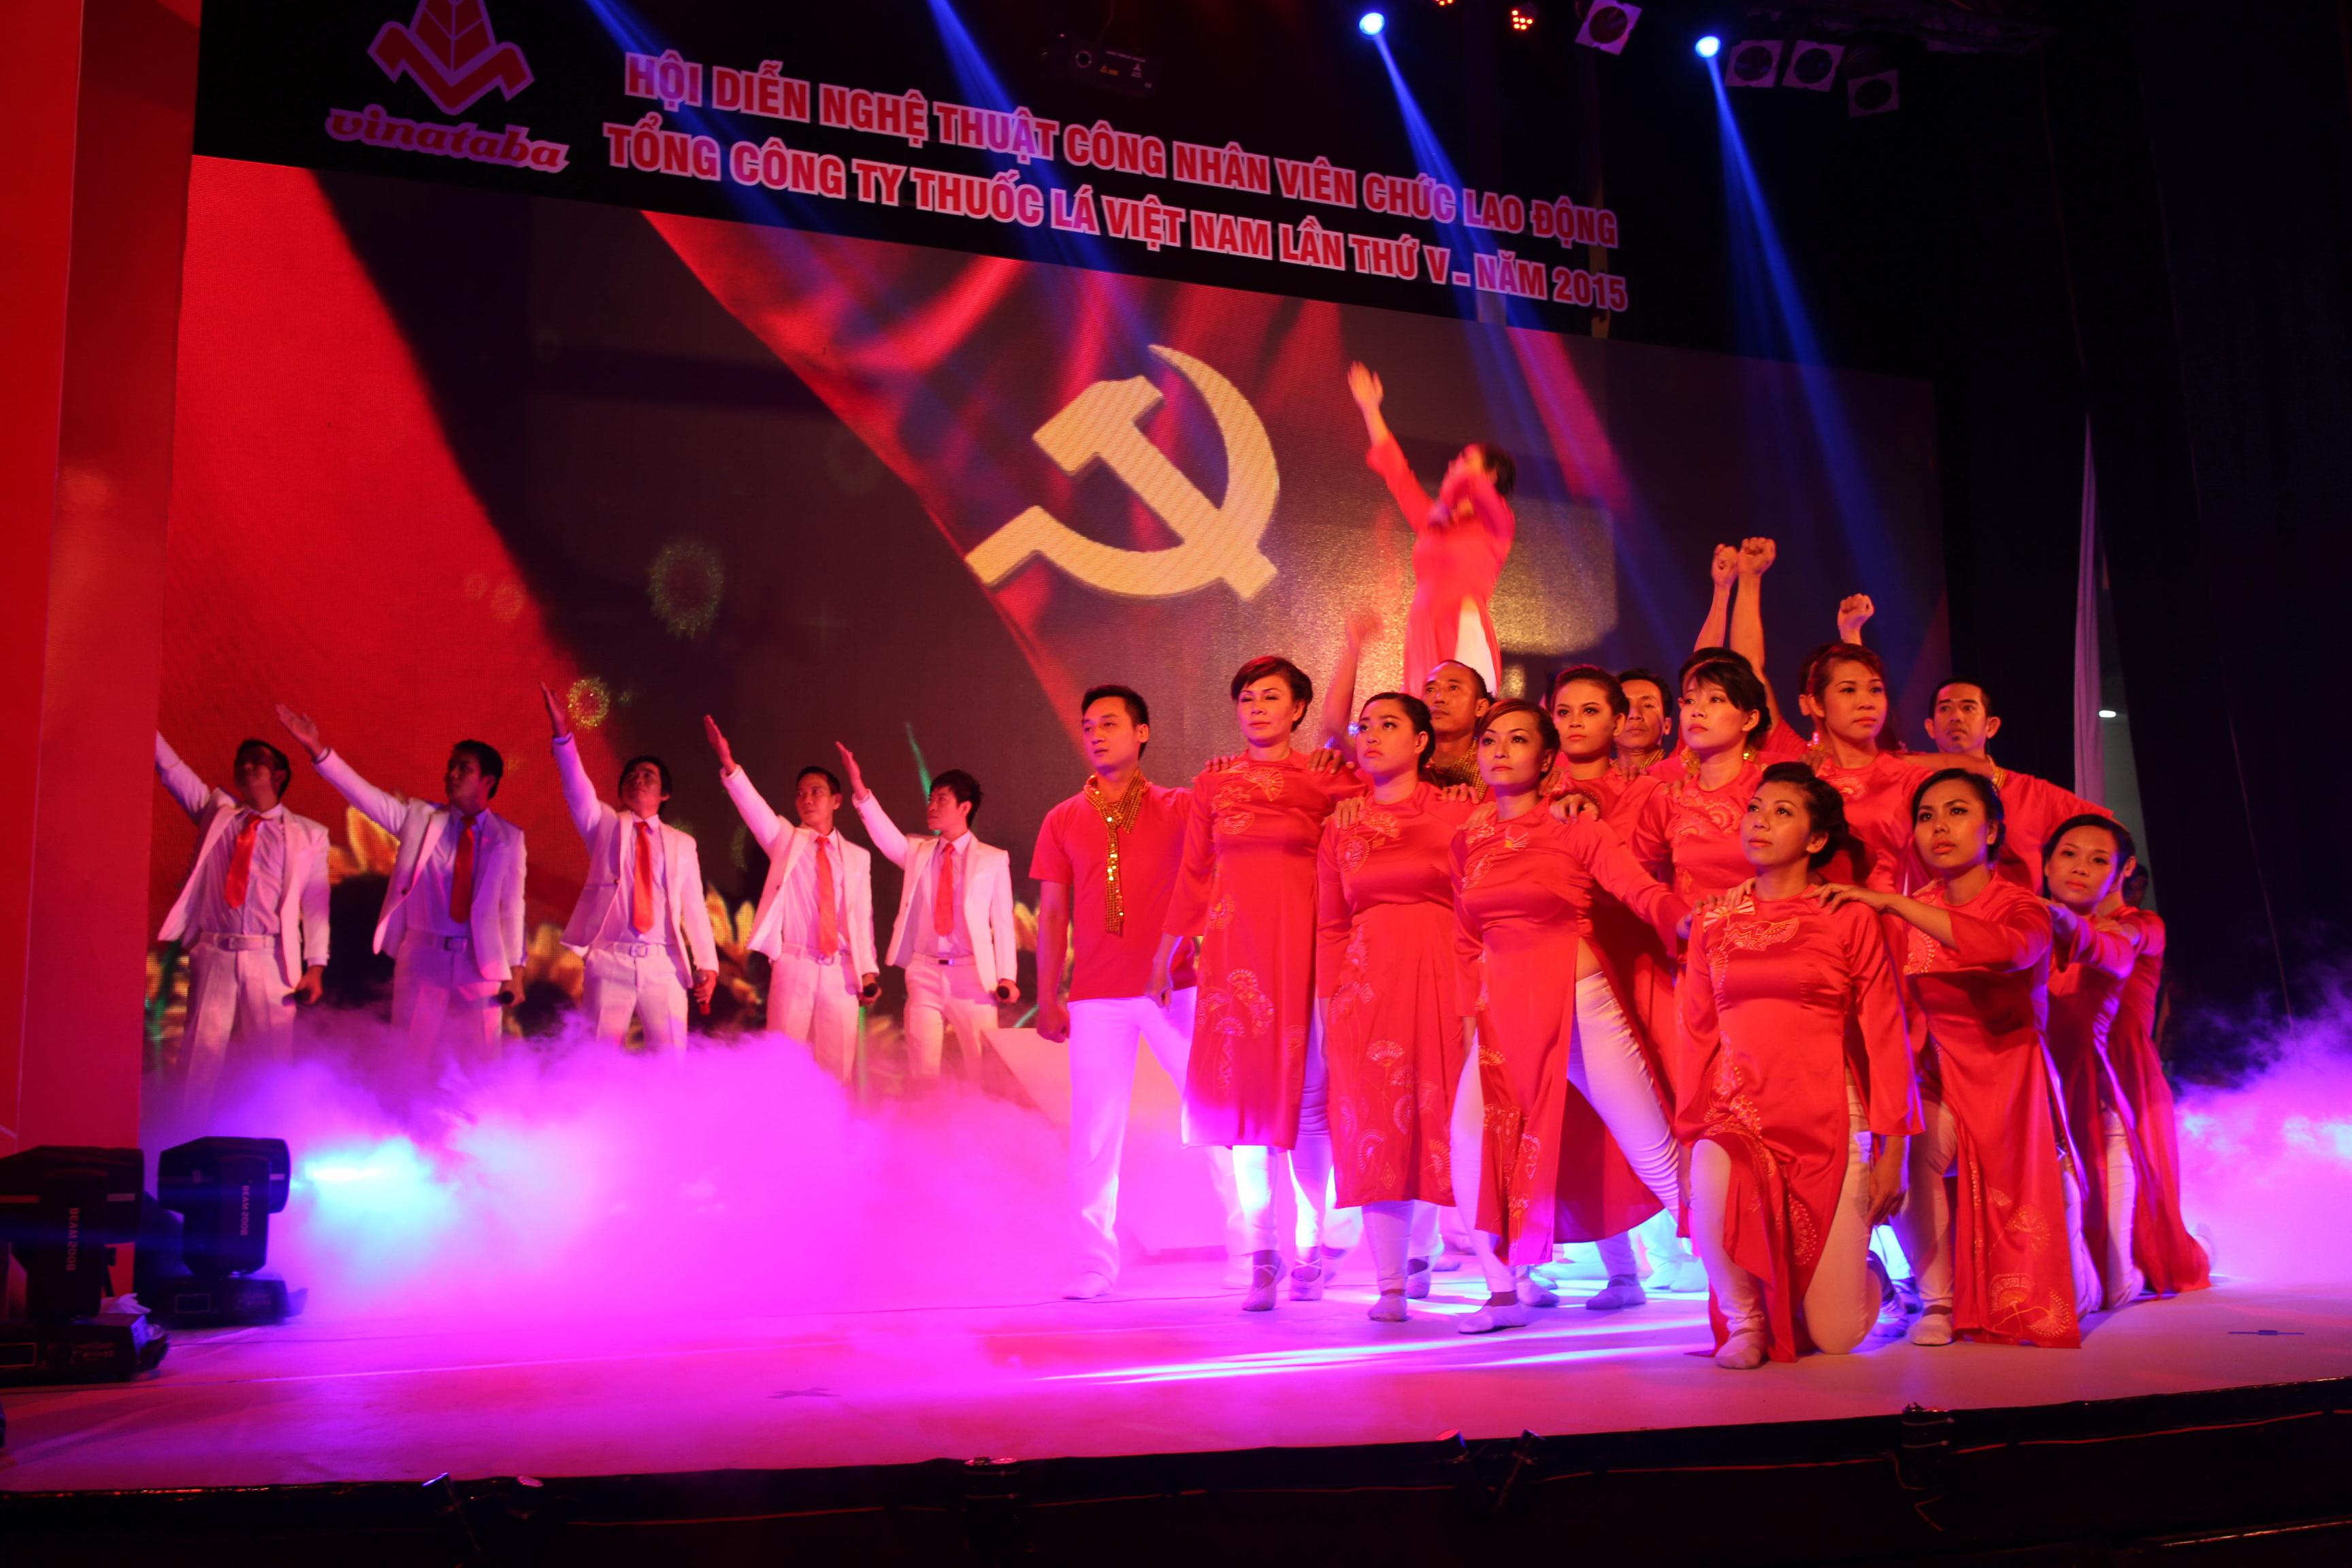 Công đoàn Tổng Công thuốc lá Việt Nam tổ chức hội diễn nghệ thuật CNVC-LĐ vào sáng 24-3